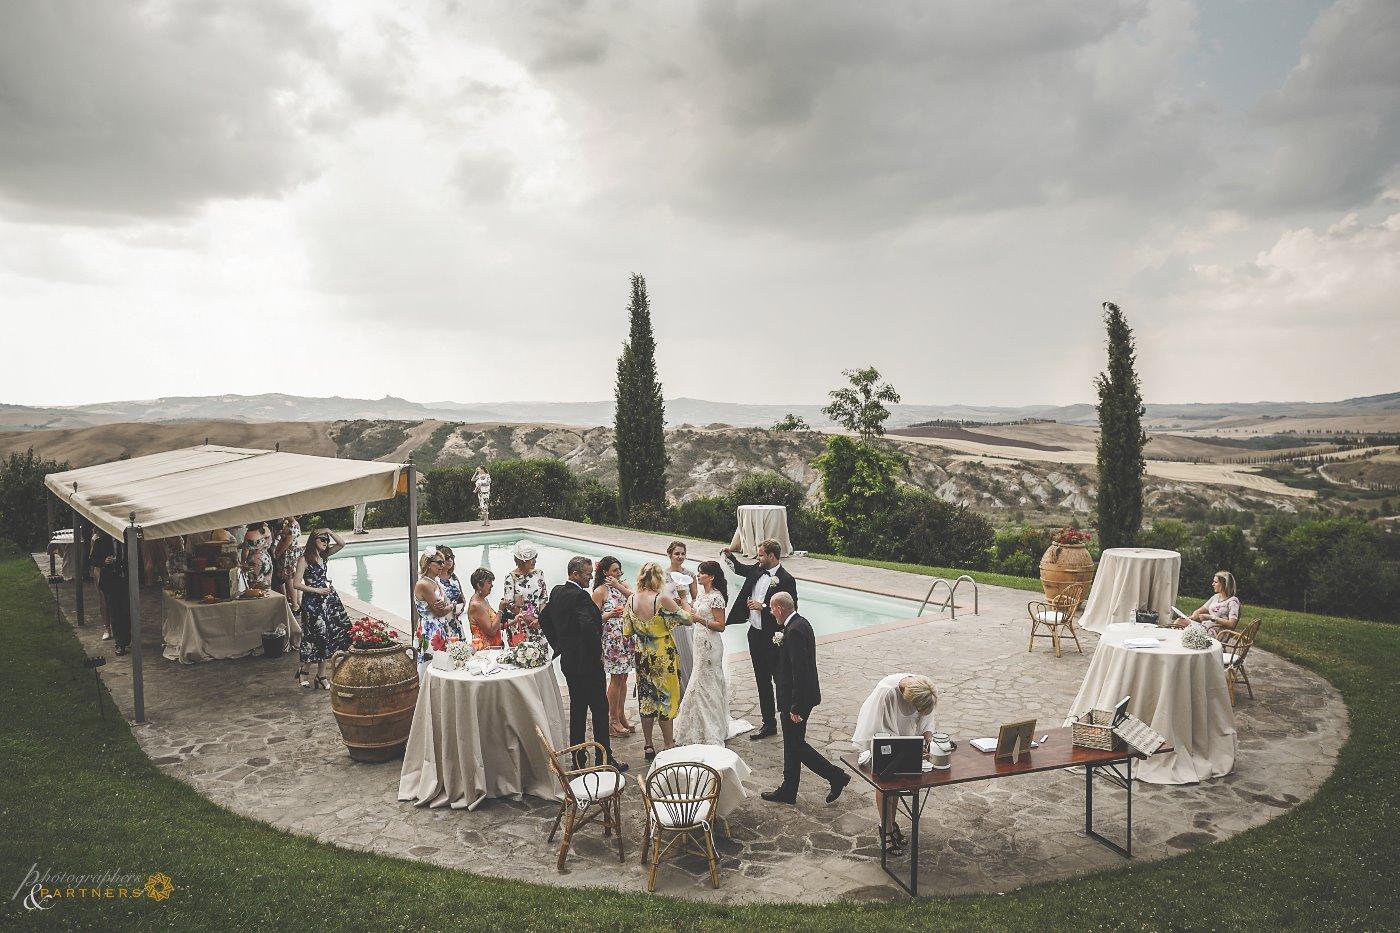 wedding_photos_borgo_castelvecchio_17.jpg